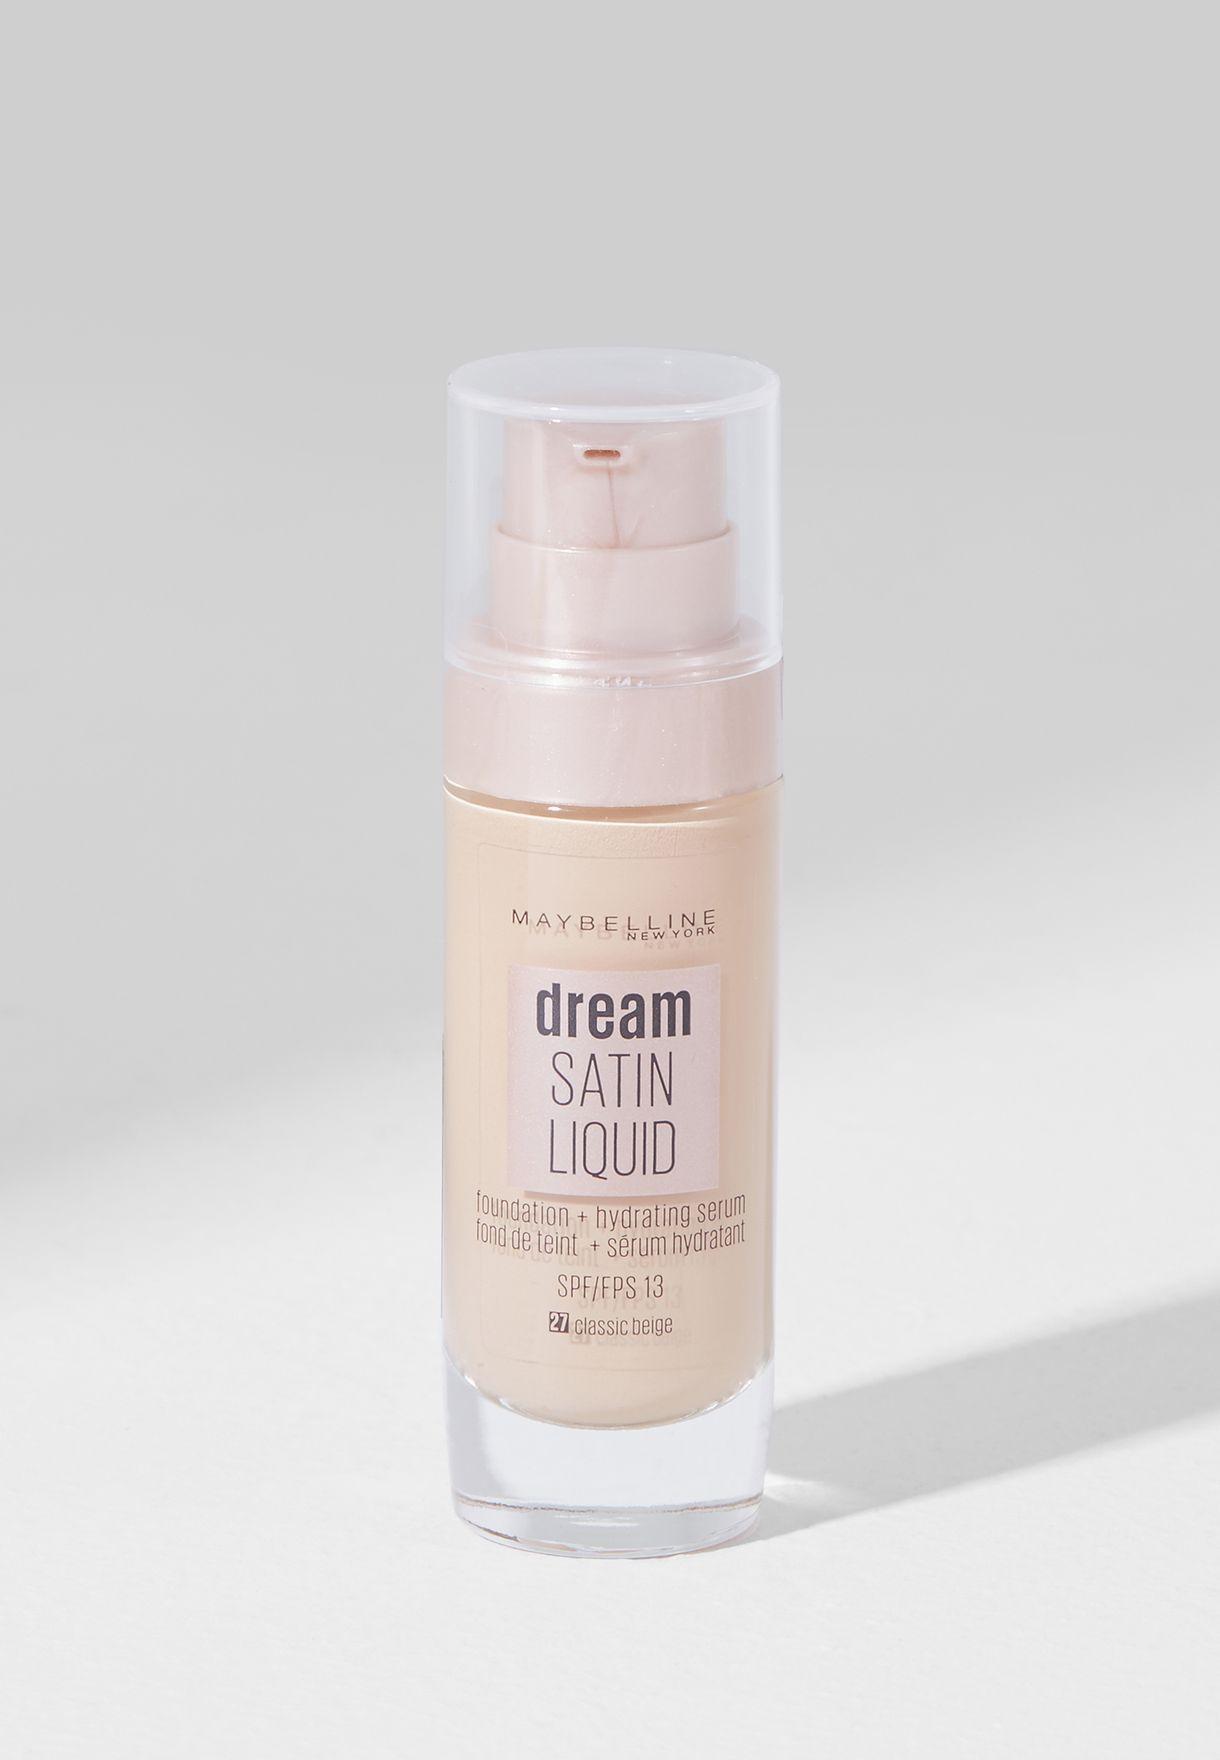 Dream Satin Liquid Foundation 27 Classic Beige